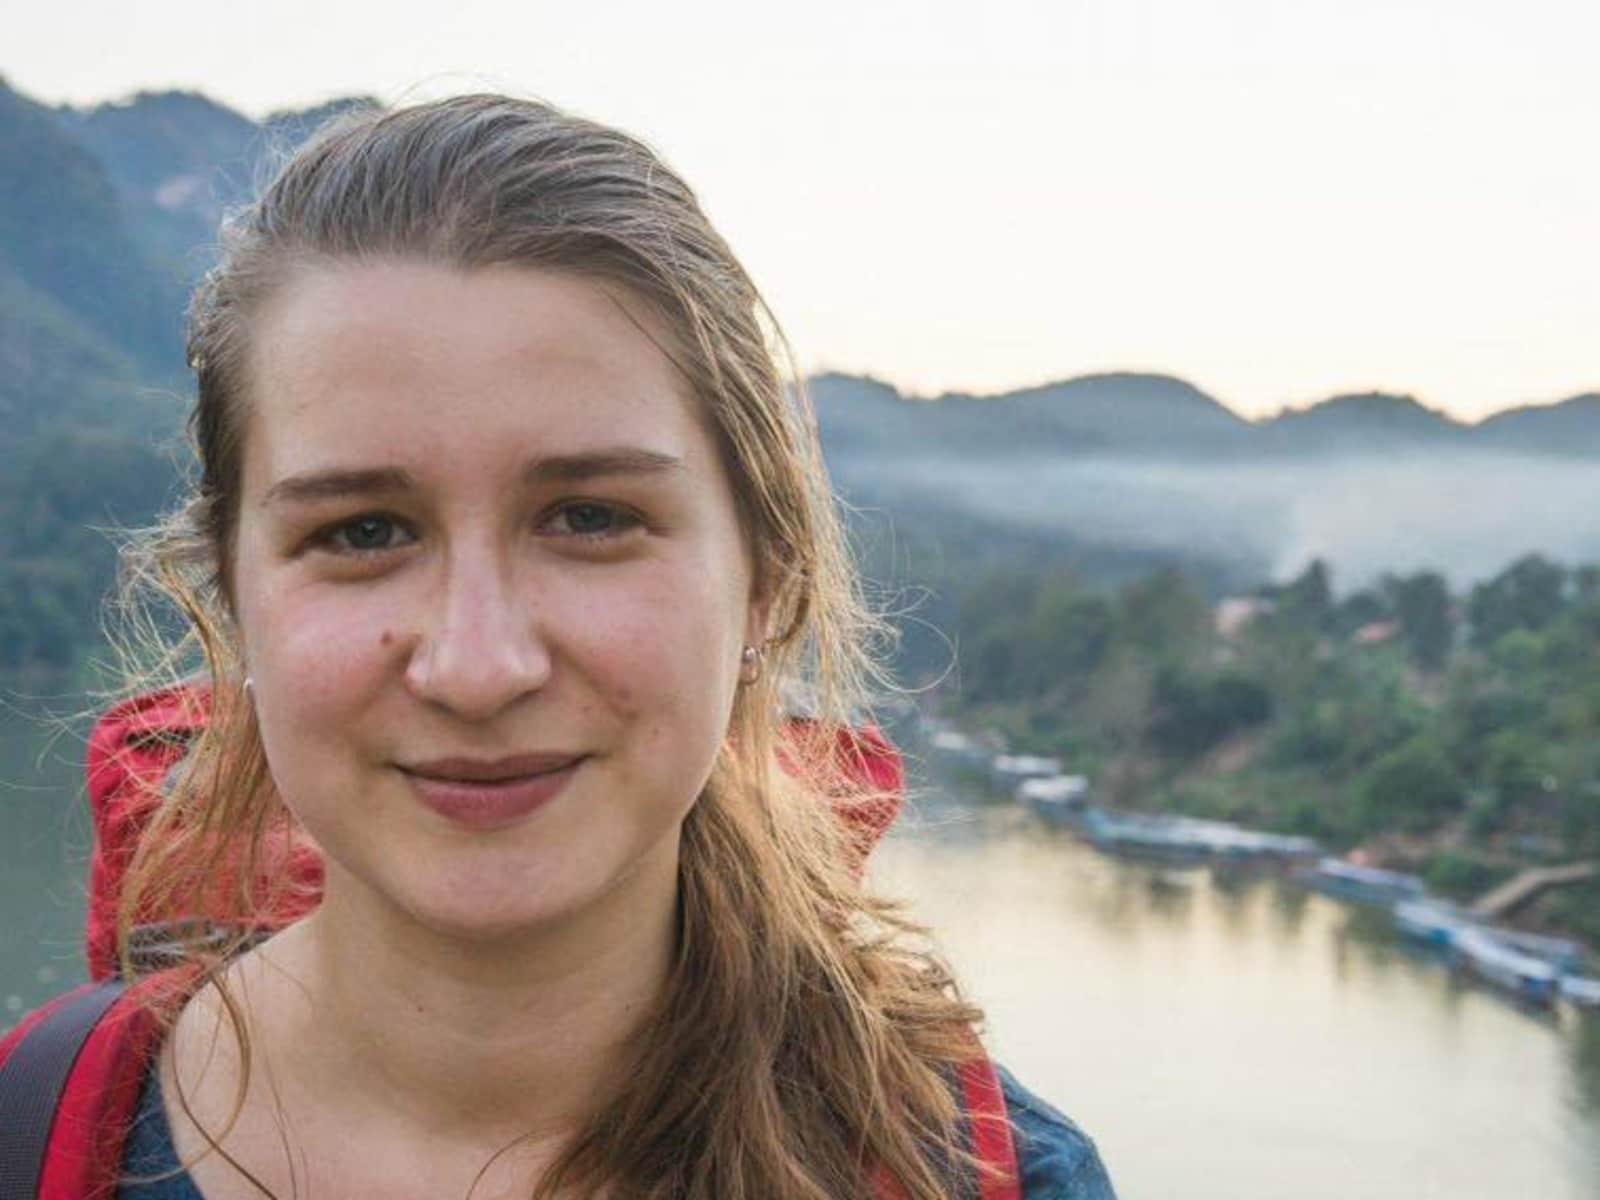 Sophie from Wageningen, Netherlands